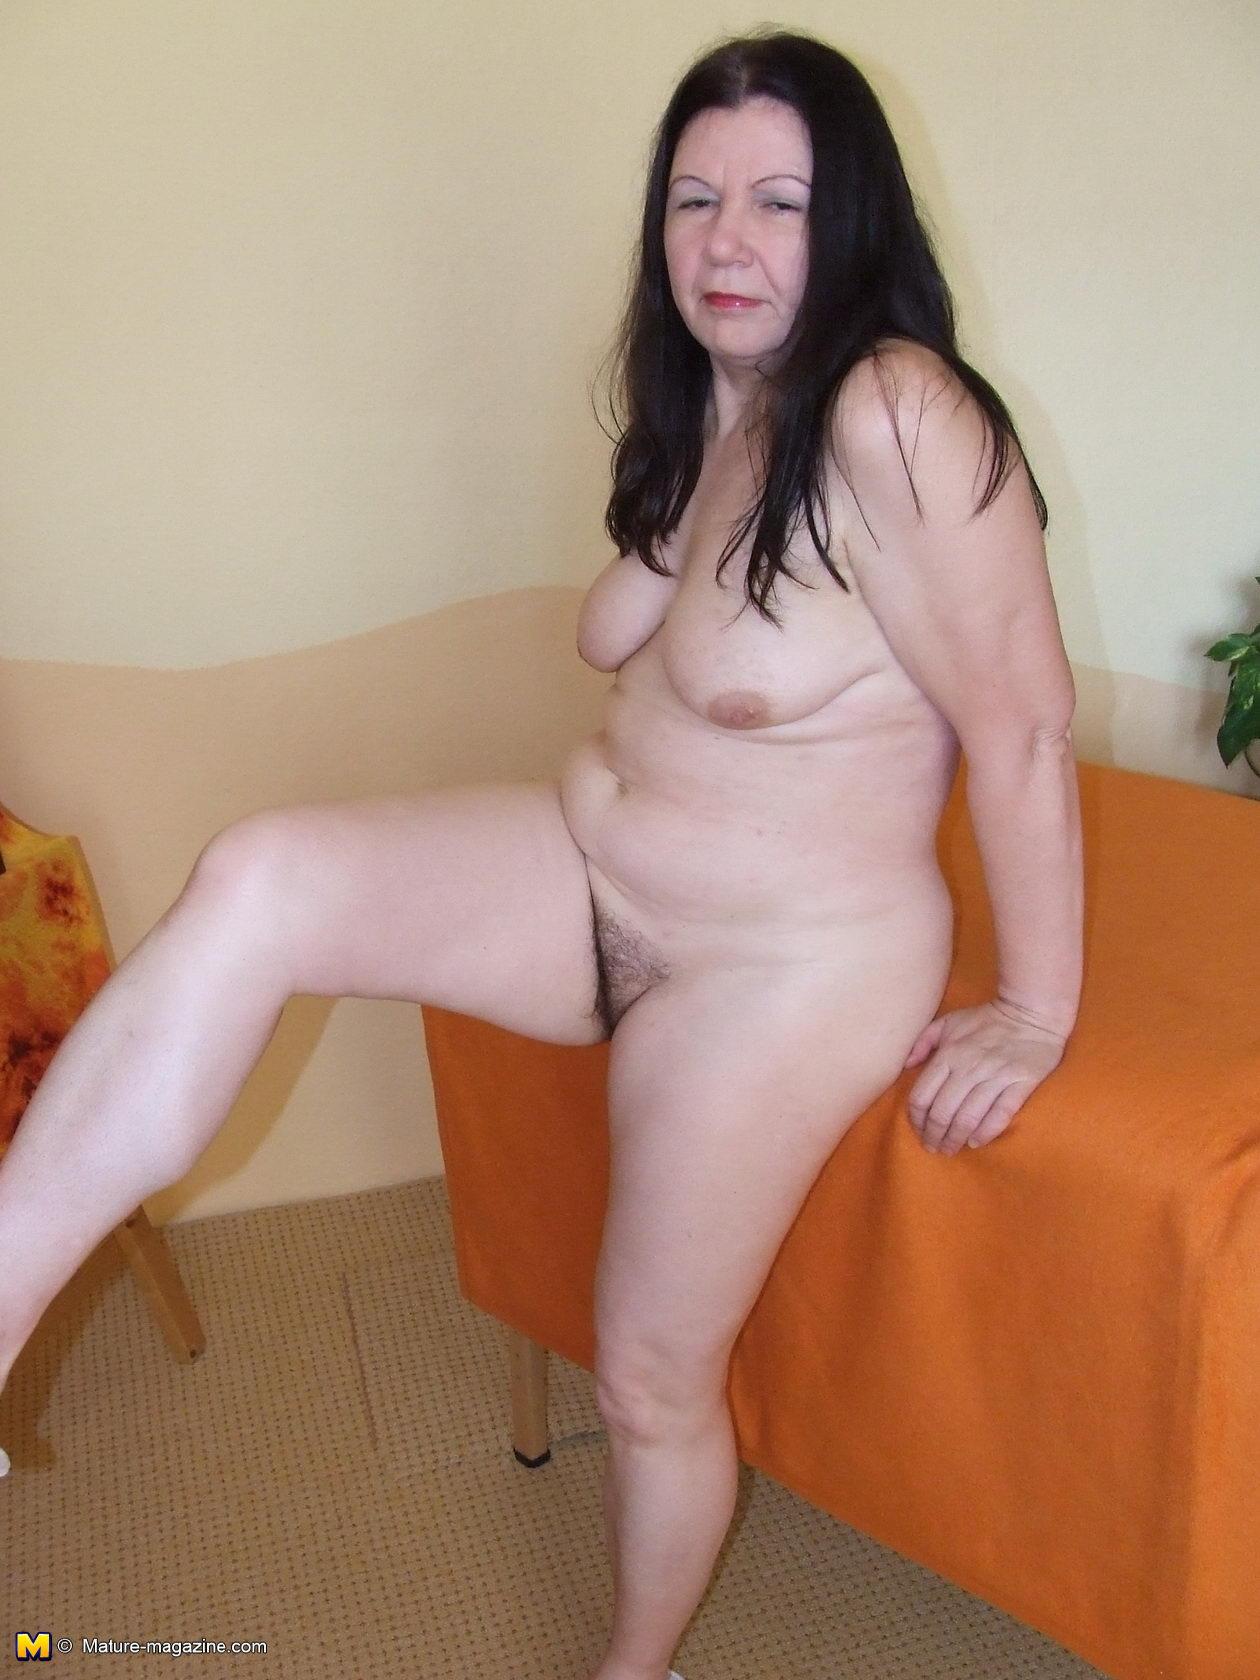 Self taken porn pics